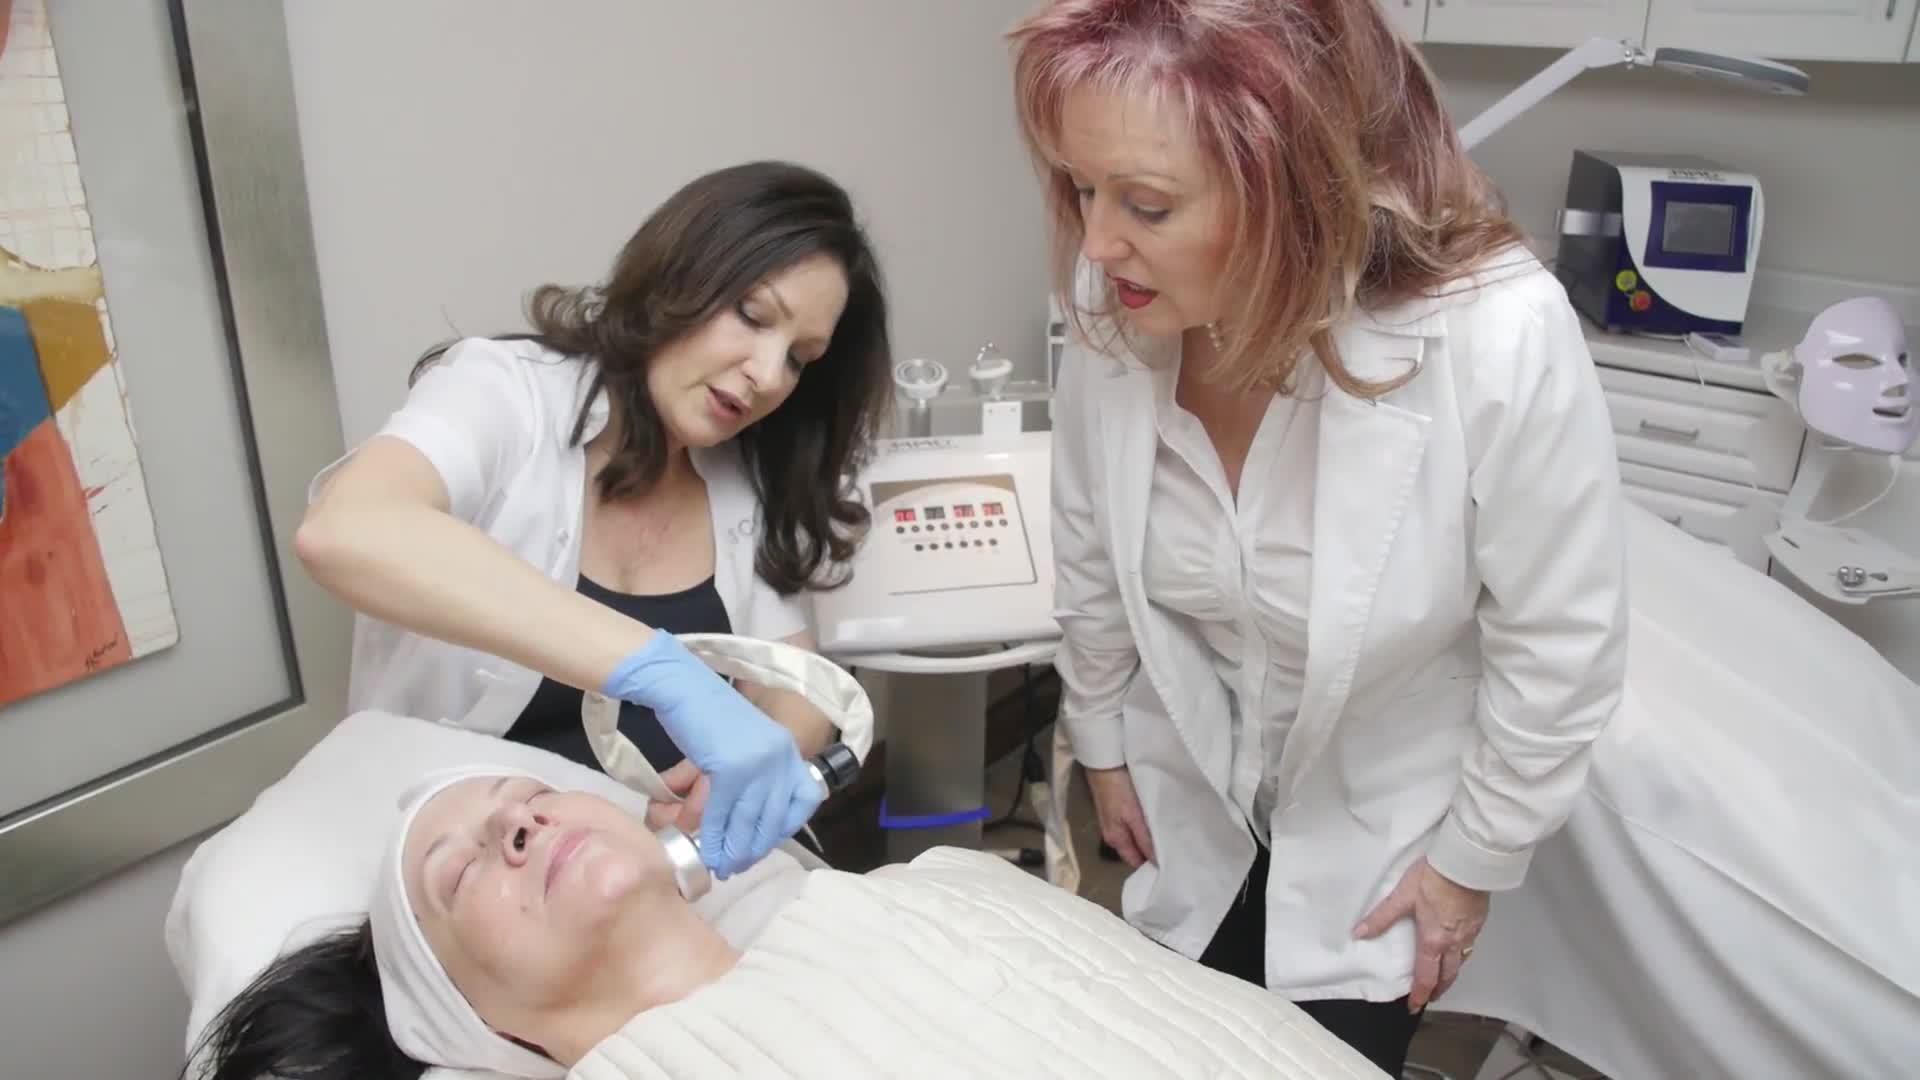 Beautex - Beauty Salon Equipment & Supplies - 905-737-5515